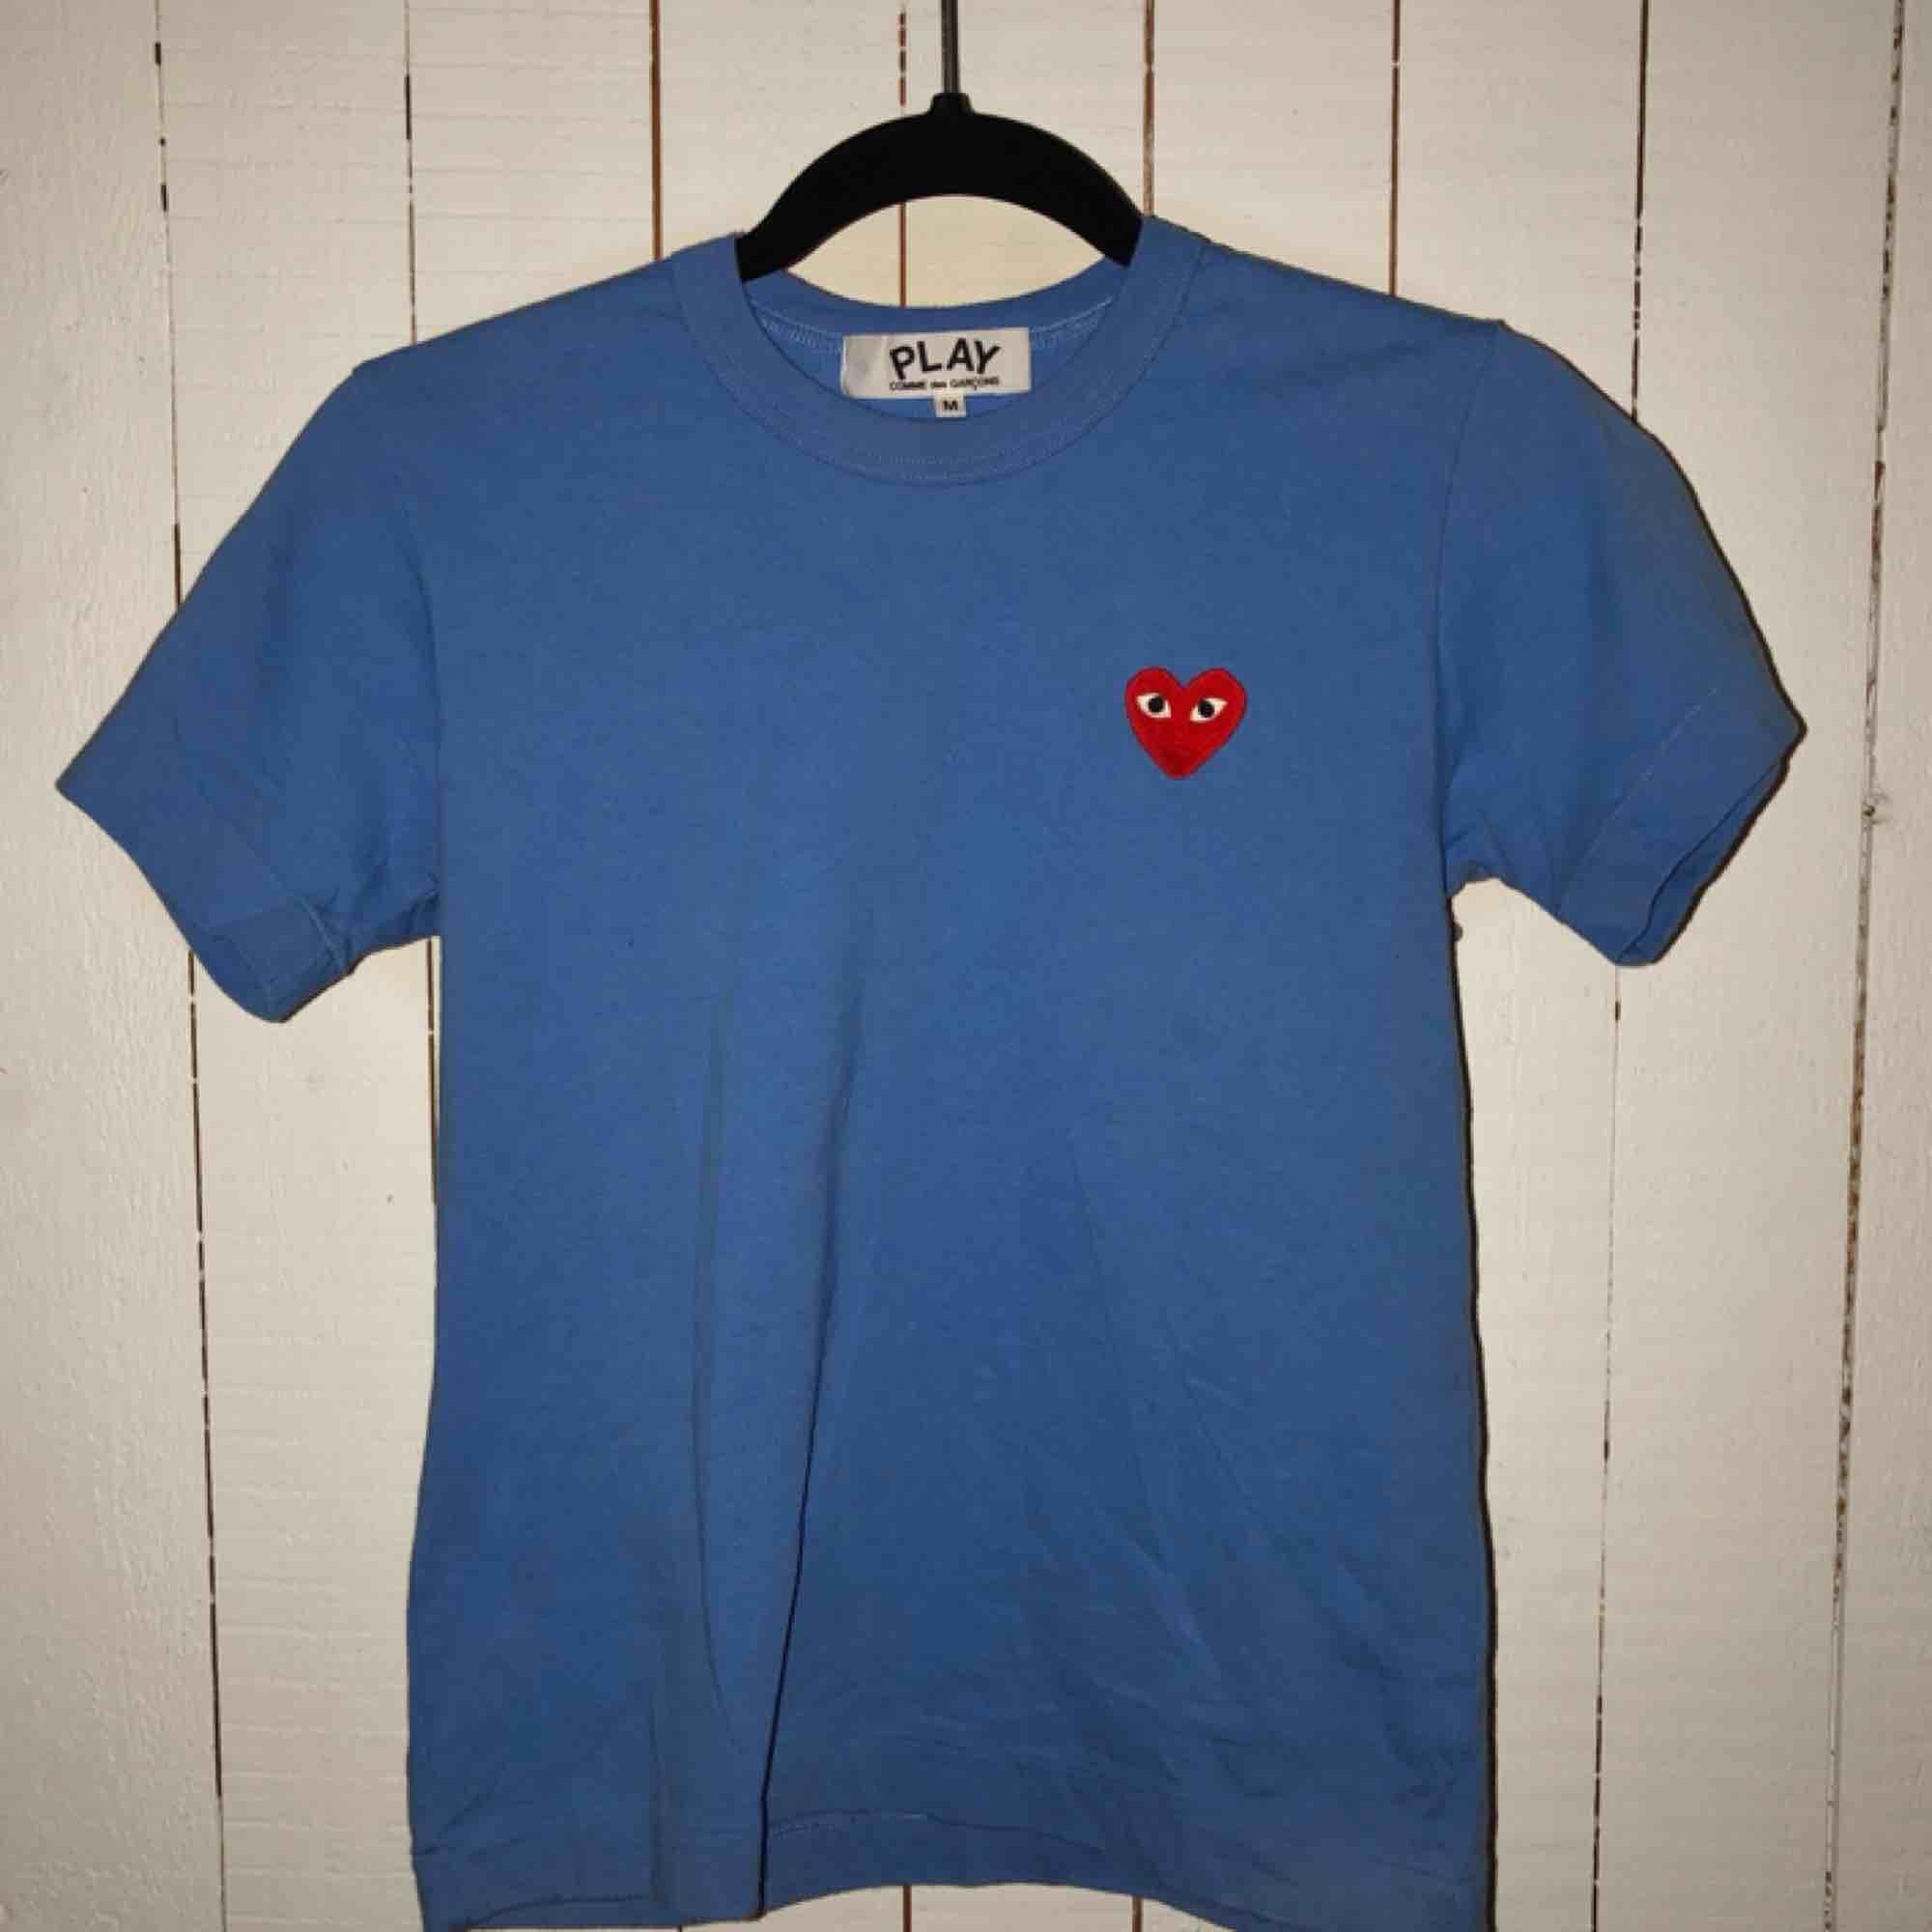 En sprillans Comme des garcons tshirt, helt äkta! Använde den två gånger - jättebra skick, tvättad 1 gång. Priset kan diskuteras.  Nypris: ca 1000kr Köparen står för eventuell frakt, jag kan annars mötas upp i Helsingborgsområdet!. T-shirts.